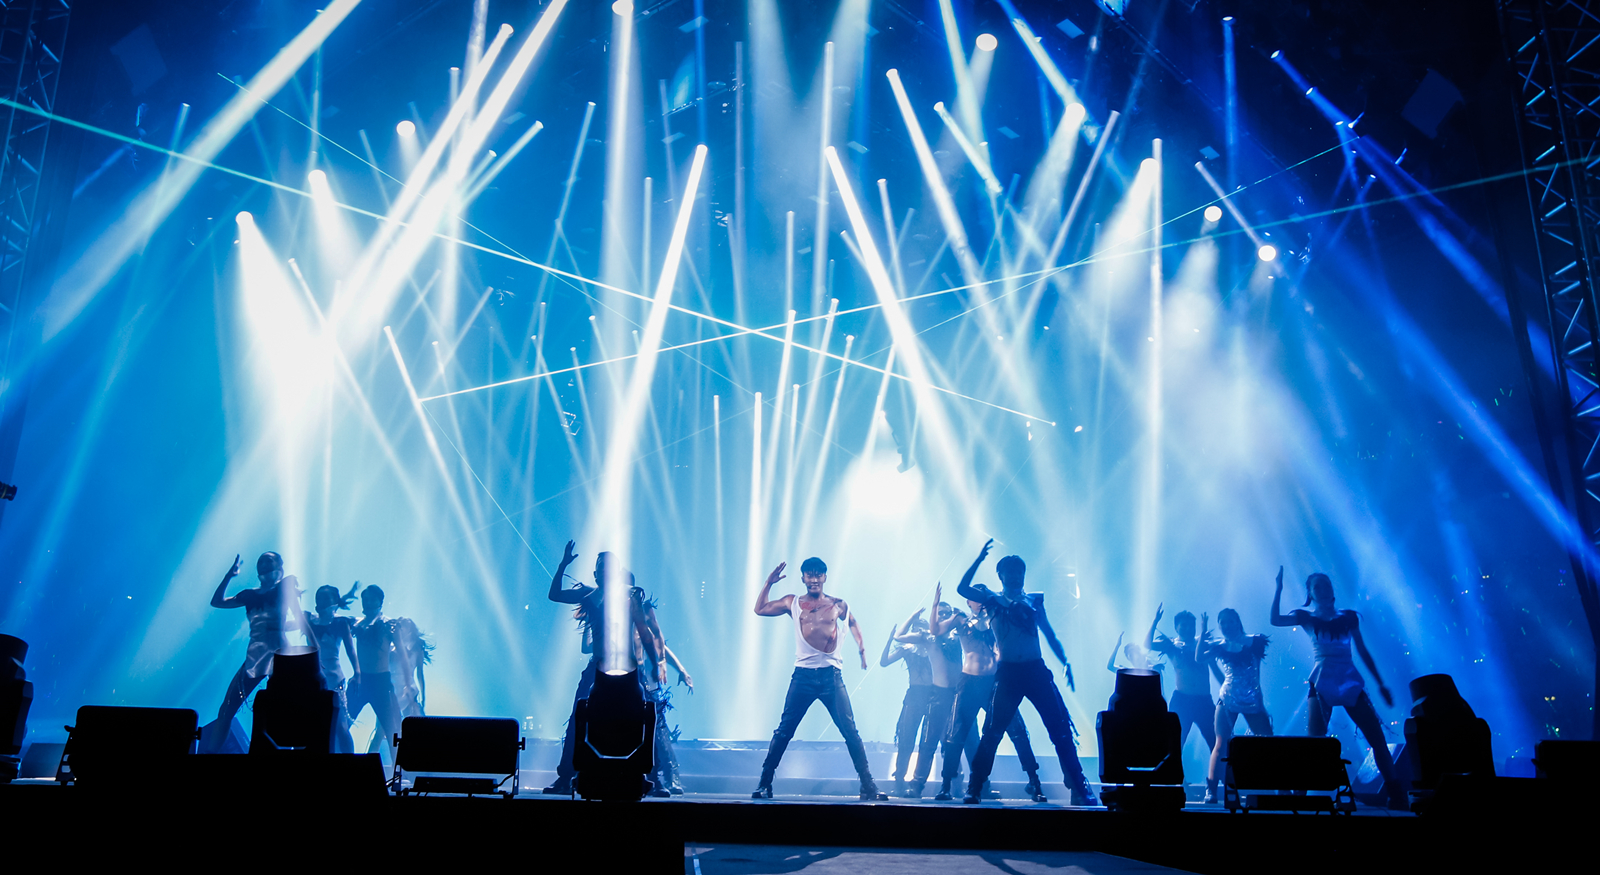 林峯上海开唱留遗憾 明年将开全新巡演